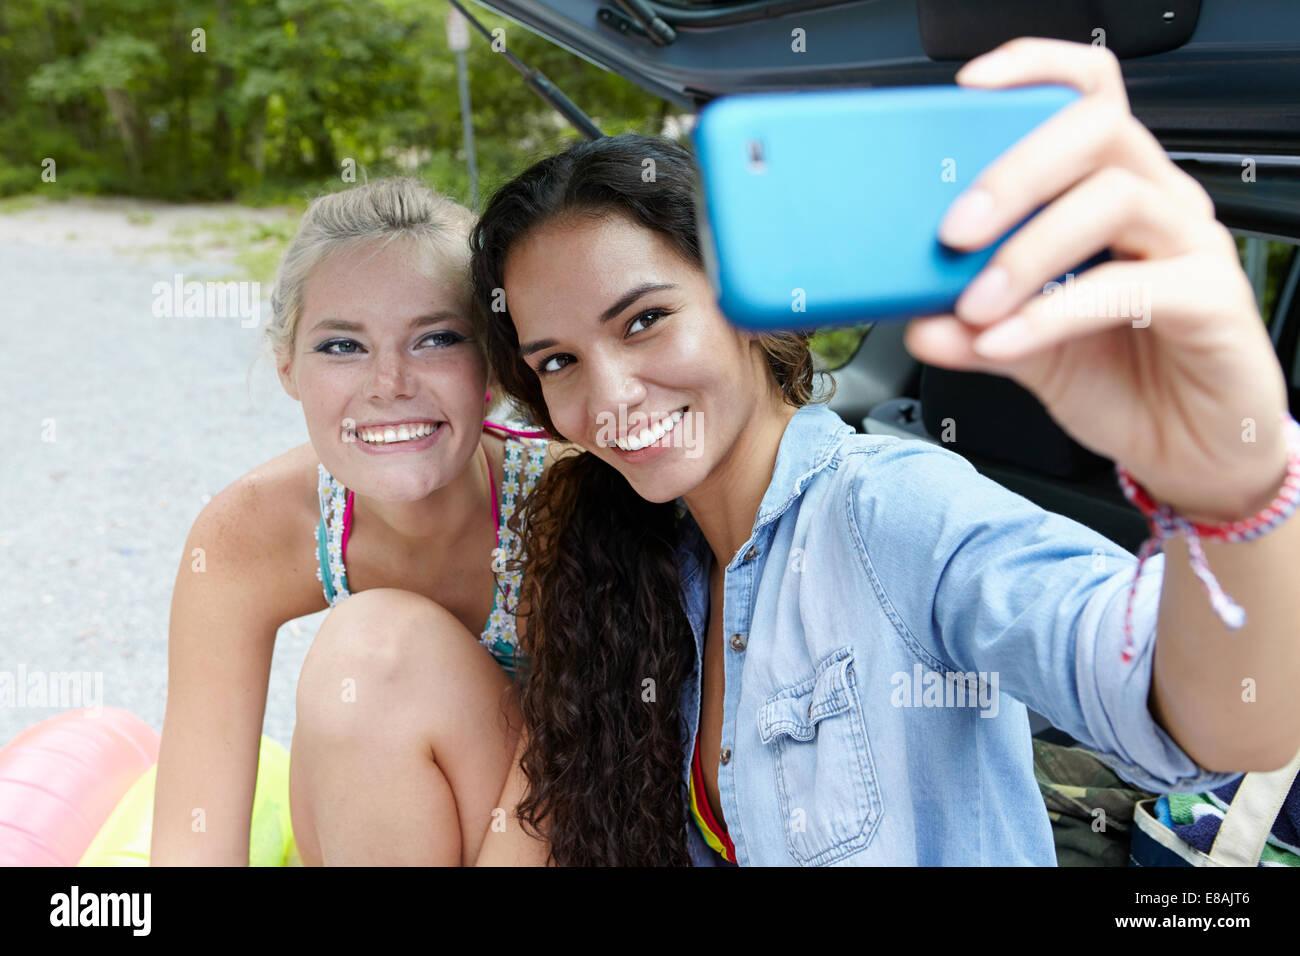 Gli escursionisti seduta in corrispondenza della parte posteriore della macchina prendendo selfie Immagini Stock